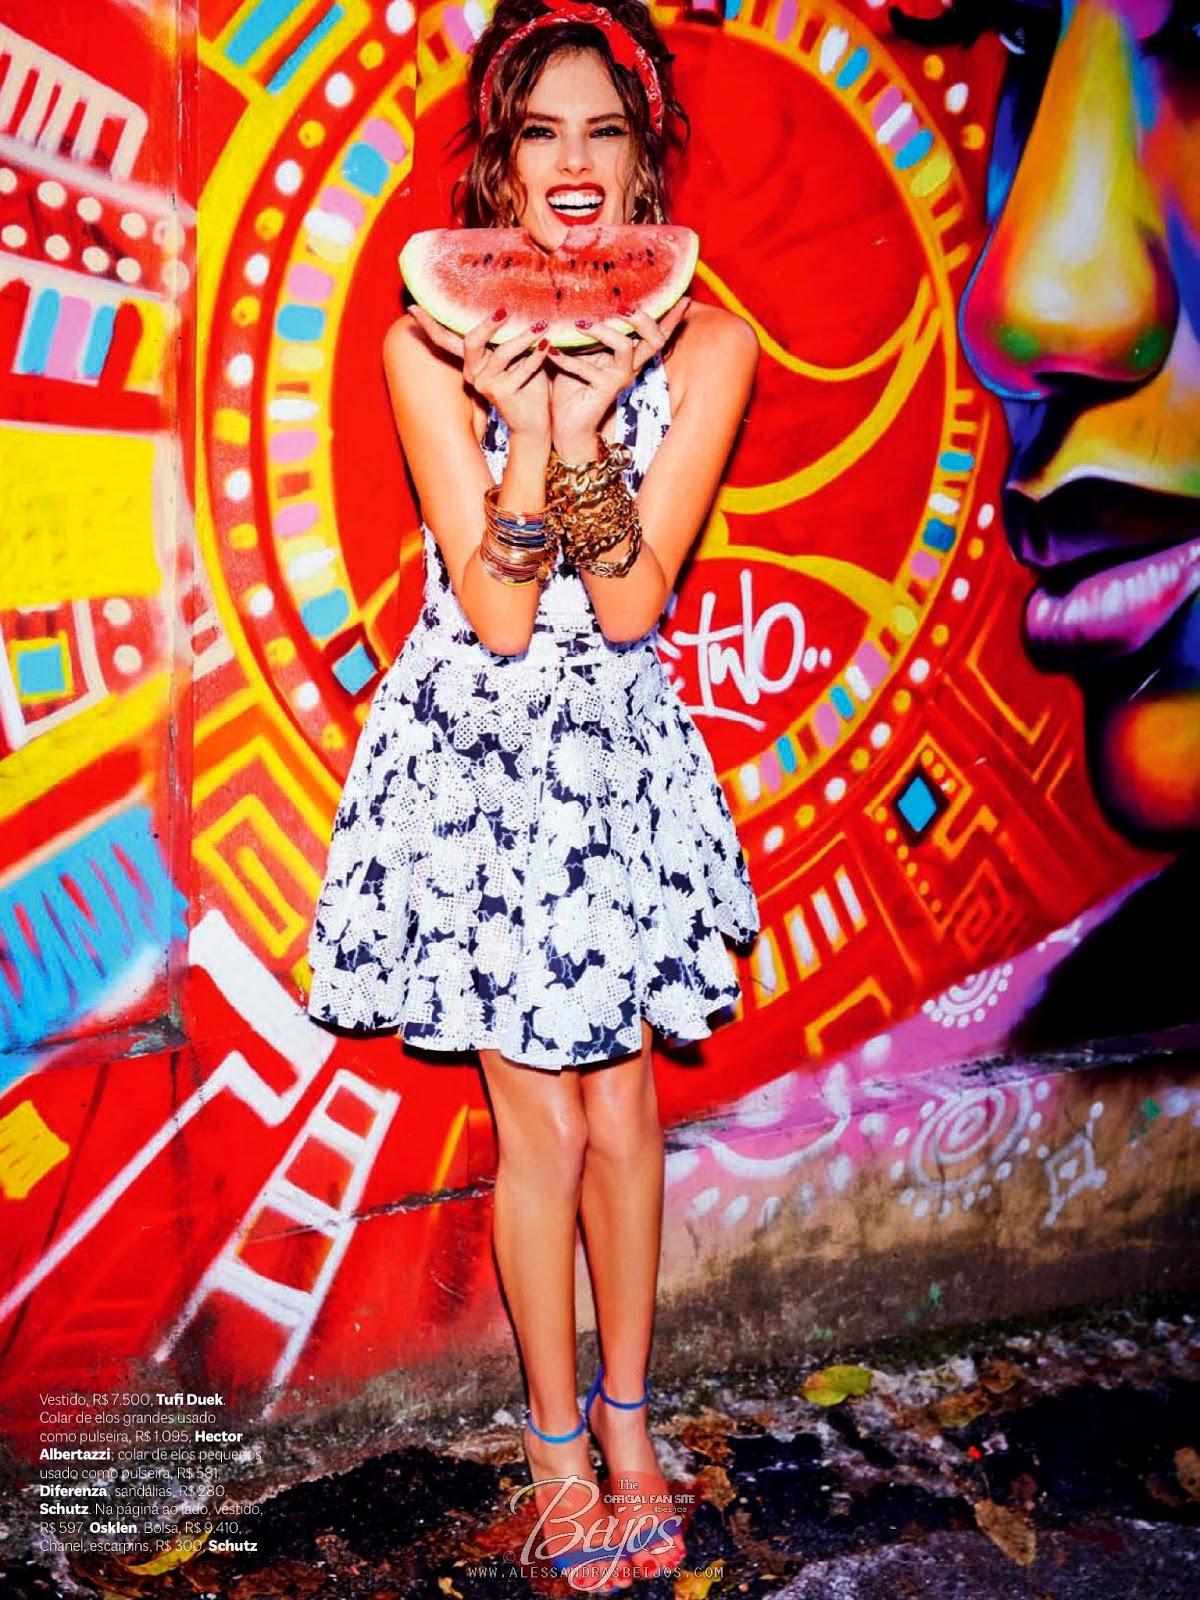 Vogue Brazil Vogue Brazil Editorial